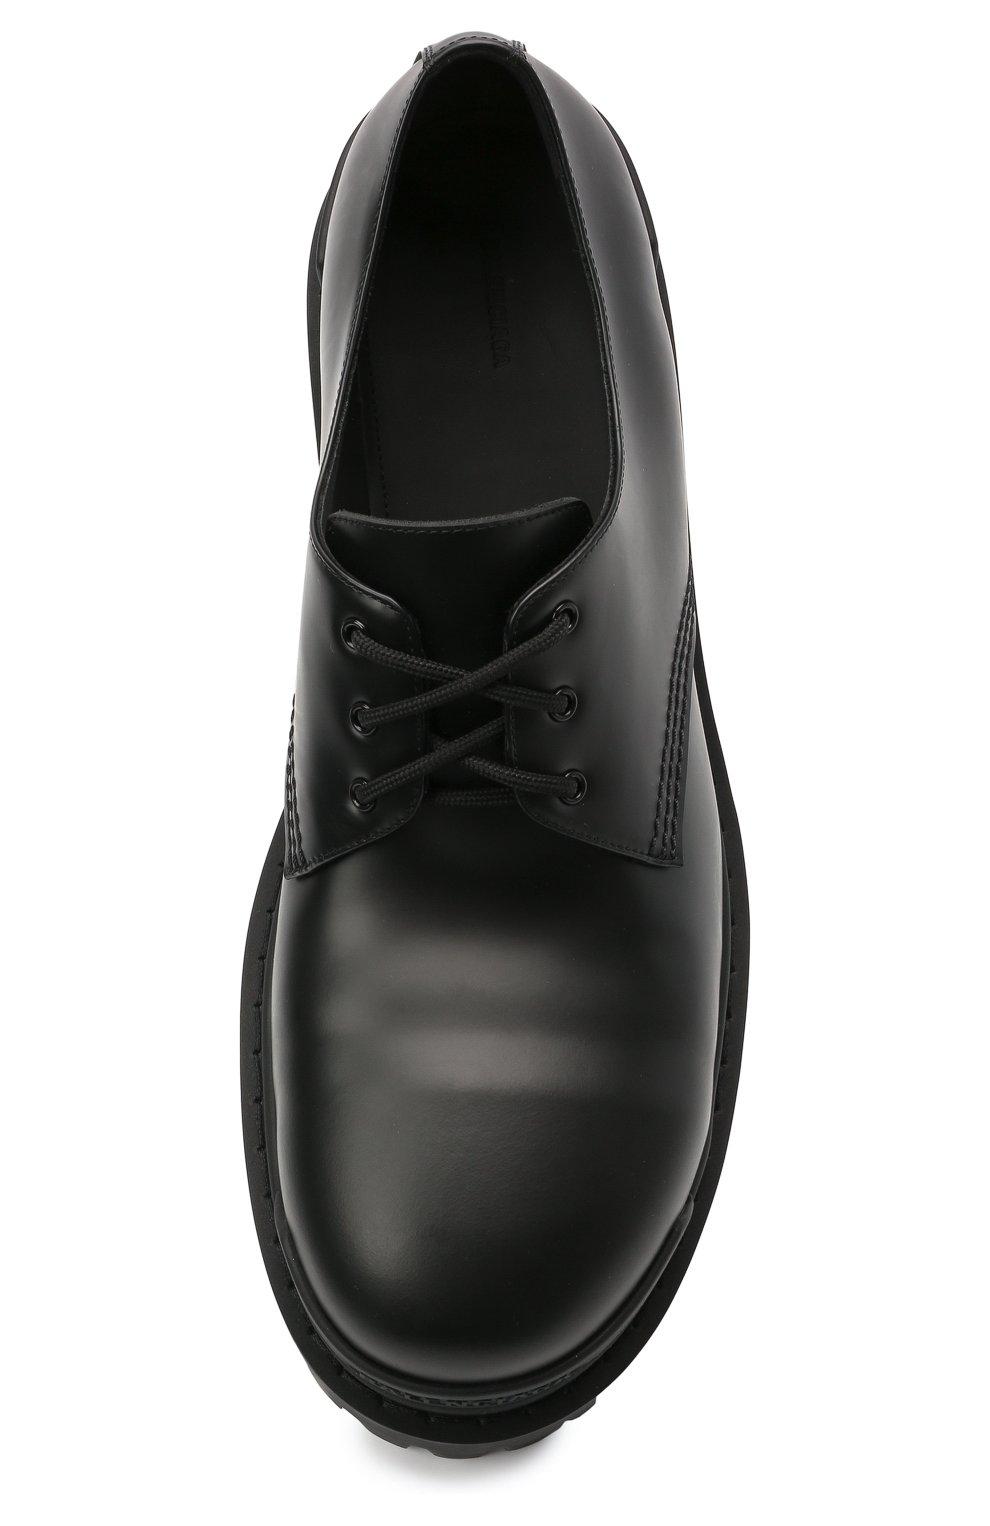 Мужские кожаные ботинки strike BALENCIAGA черного цвета, арт. 600600/WA960 | Фото 5 (Каблук высота: Высокий; Мужское Кросс-КТ: Ботинки-обувь; Материал внутренний: Натуральная кожа; Подошва: Массивная)